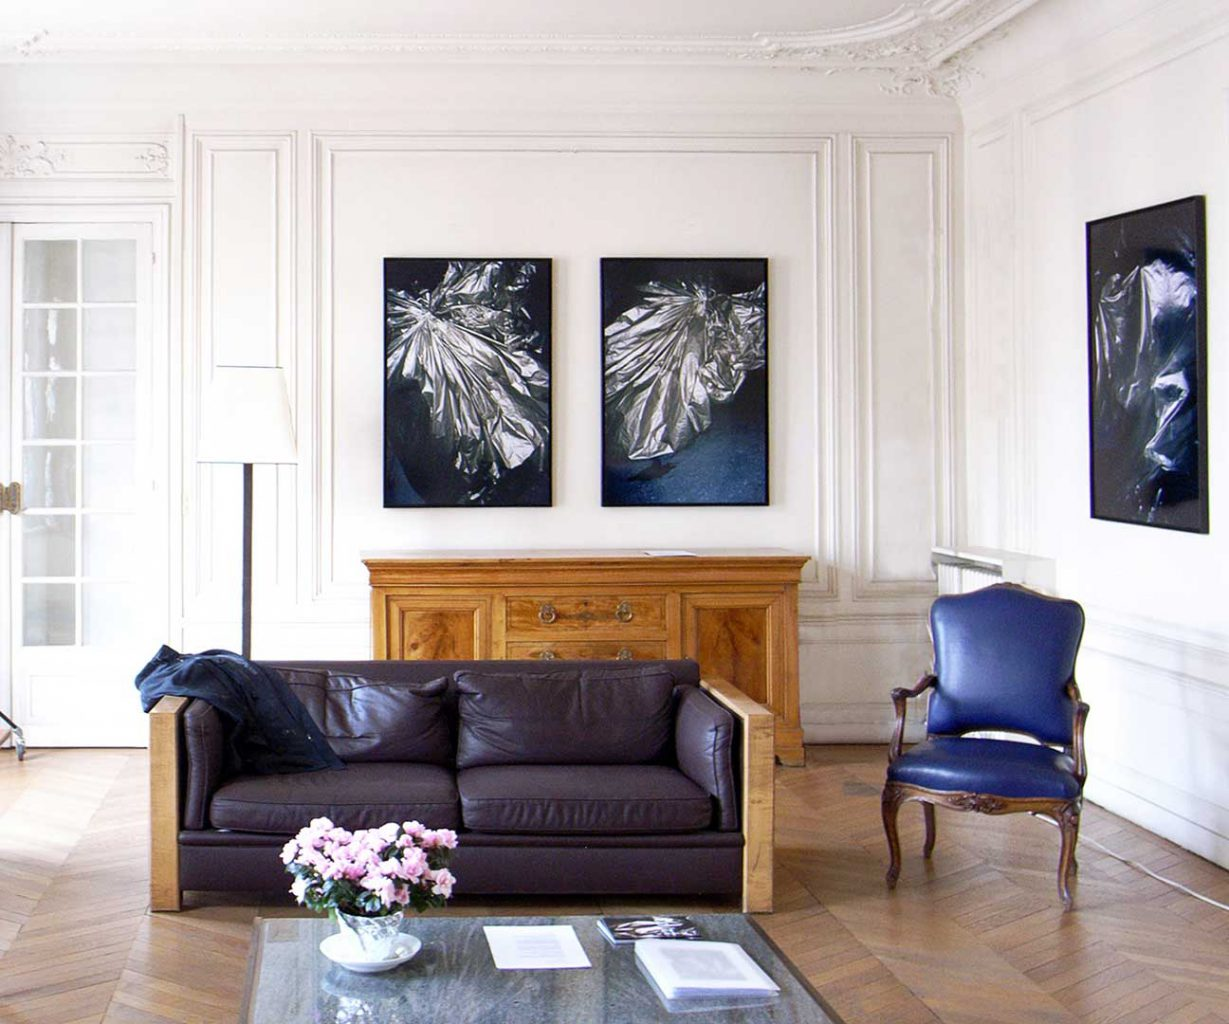 DRAPéS, Private collection, Paris, France, 2012